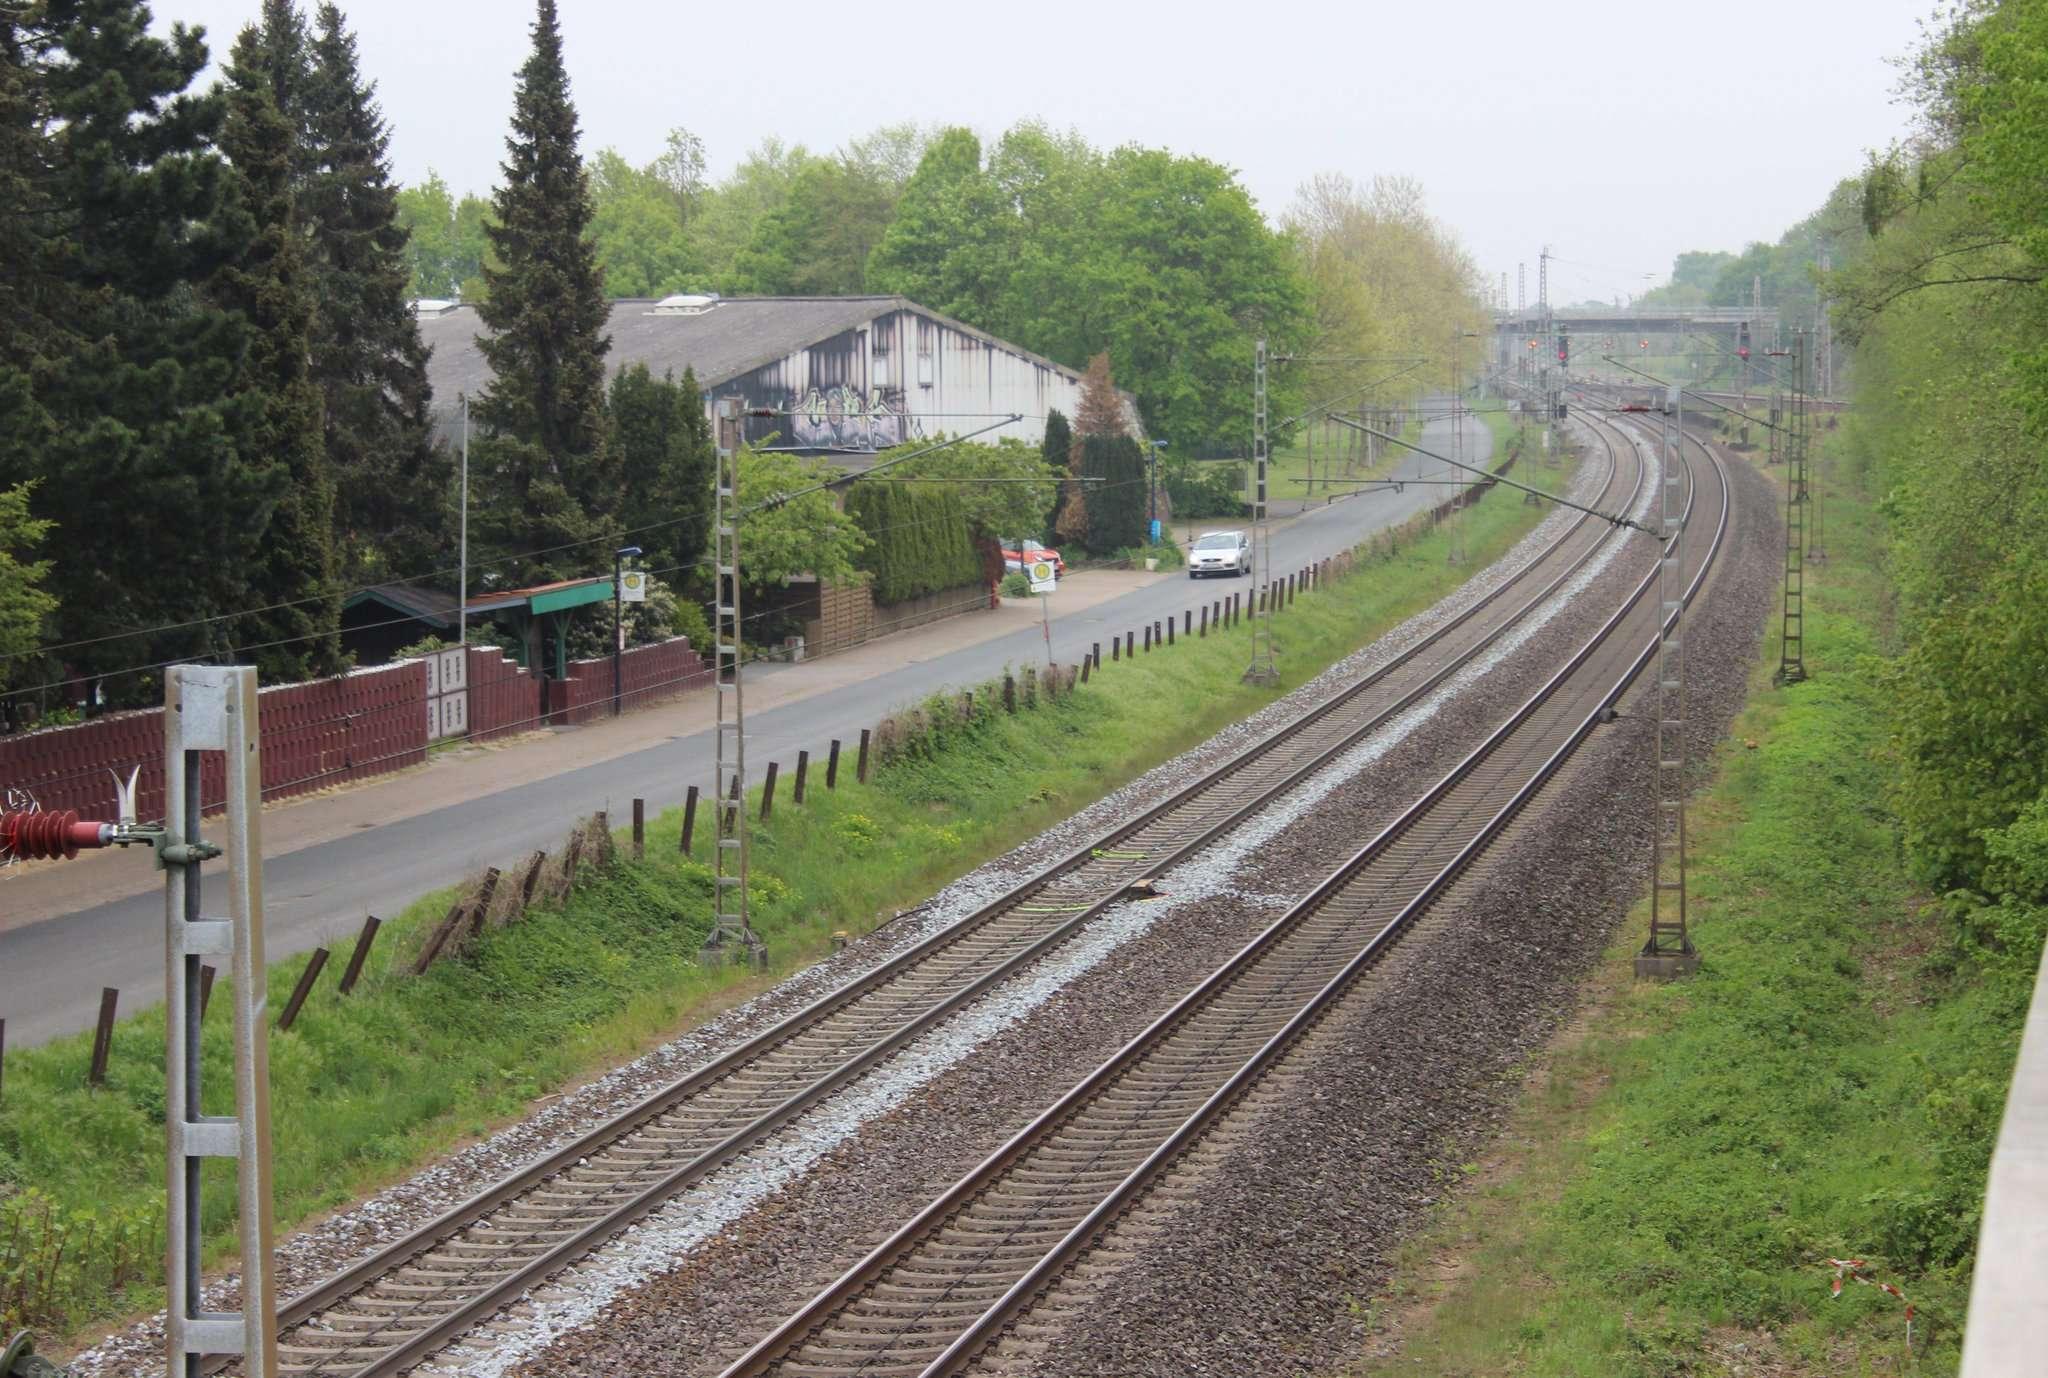 Die Bahnstrecke Bremen - Hamburg: Am Schwarzen Weg in Sagehorn soll ein neuer Haltepunkt der Bundesbahn entstehen. Die Gemeinde präsentierte in einer öffentlichen Infoveranstaltung den Stand der Planungen. Foto: Björn Blaak